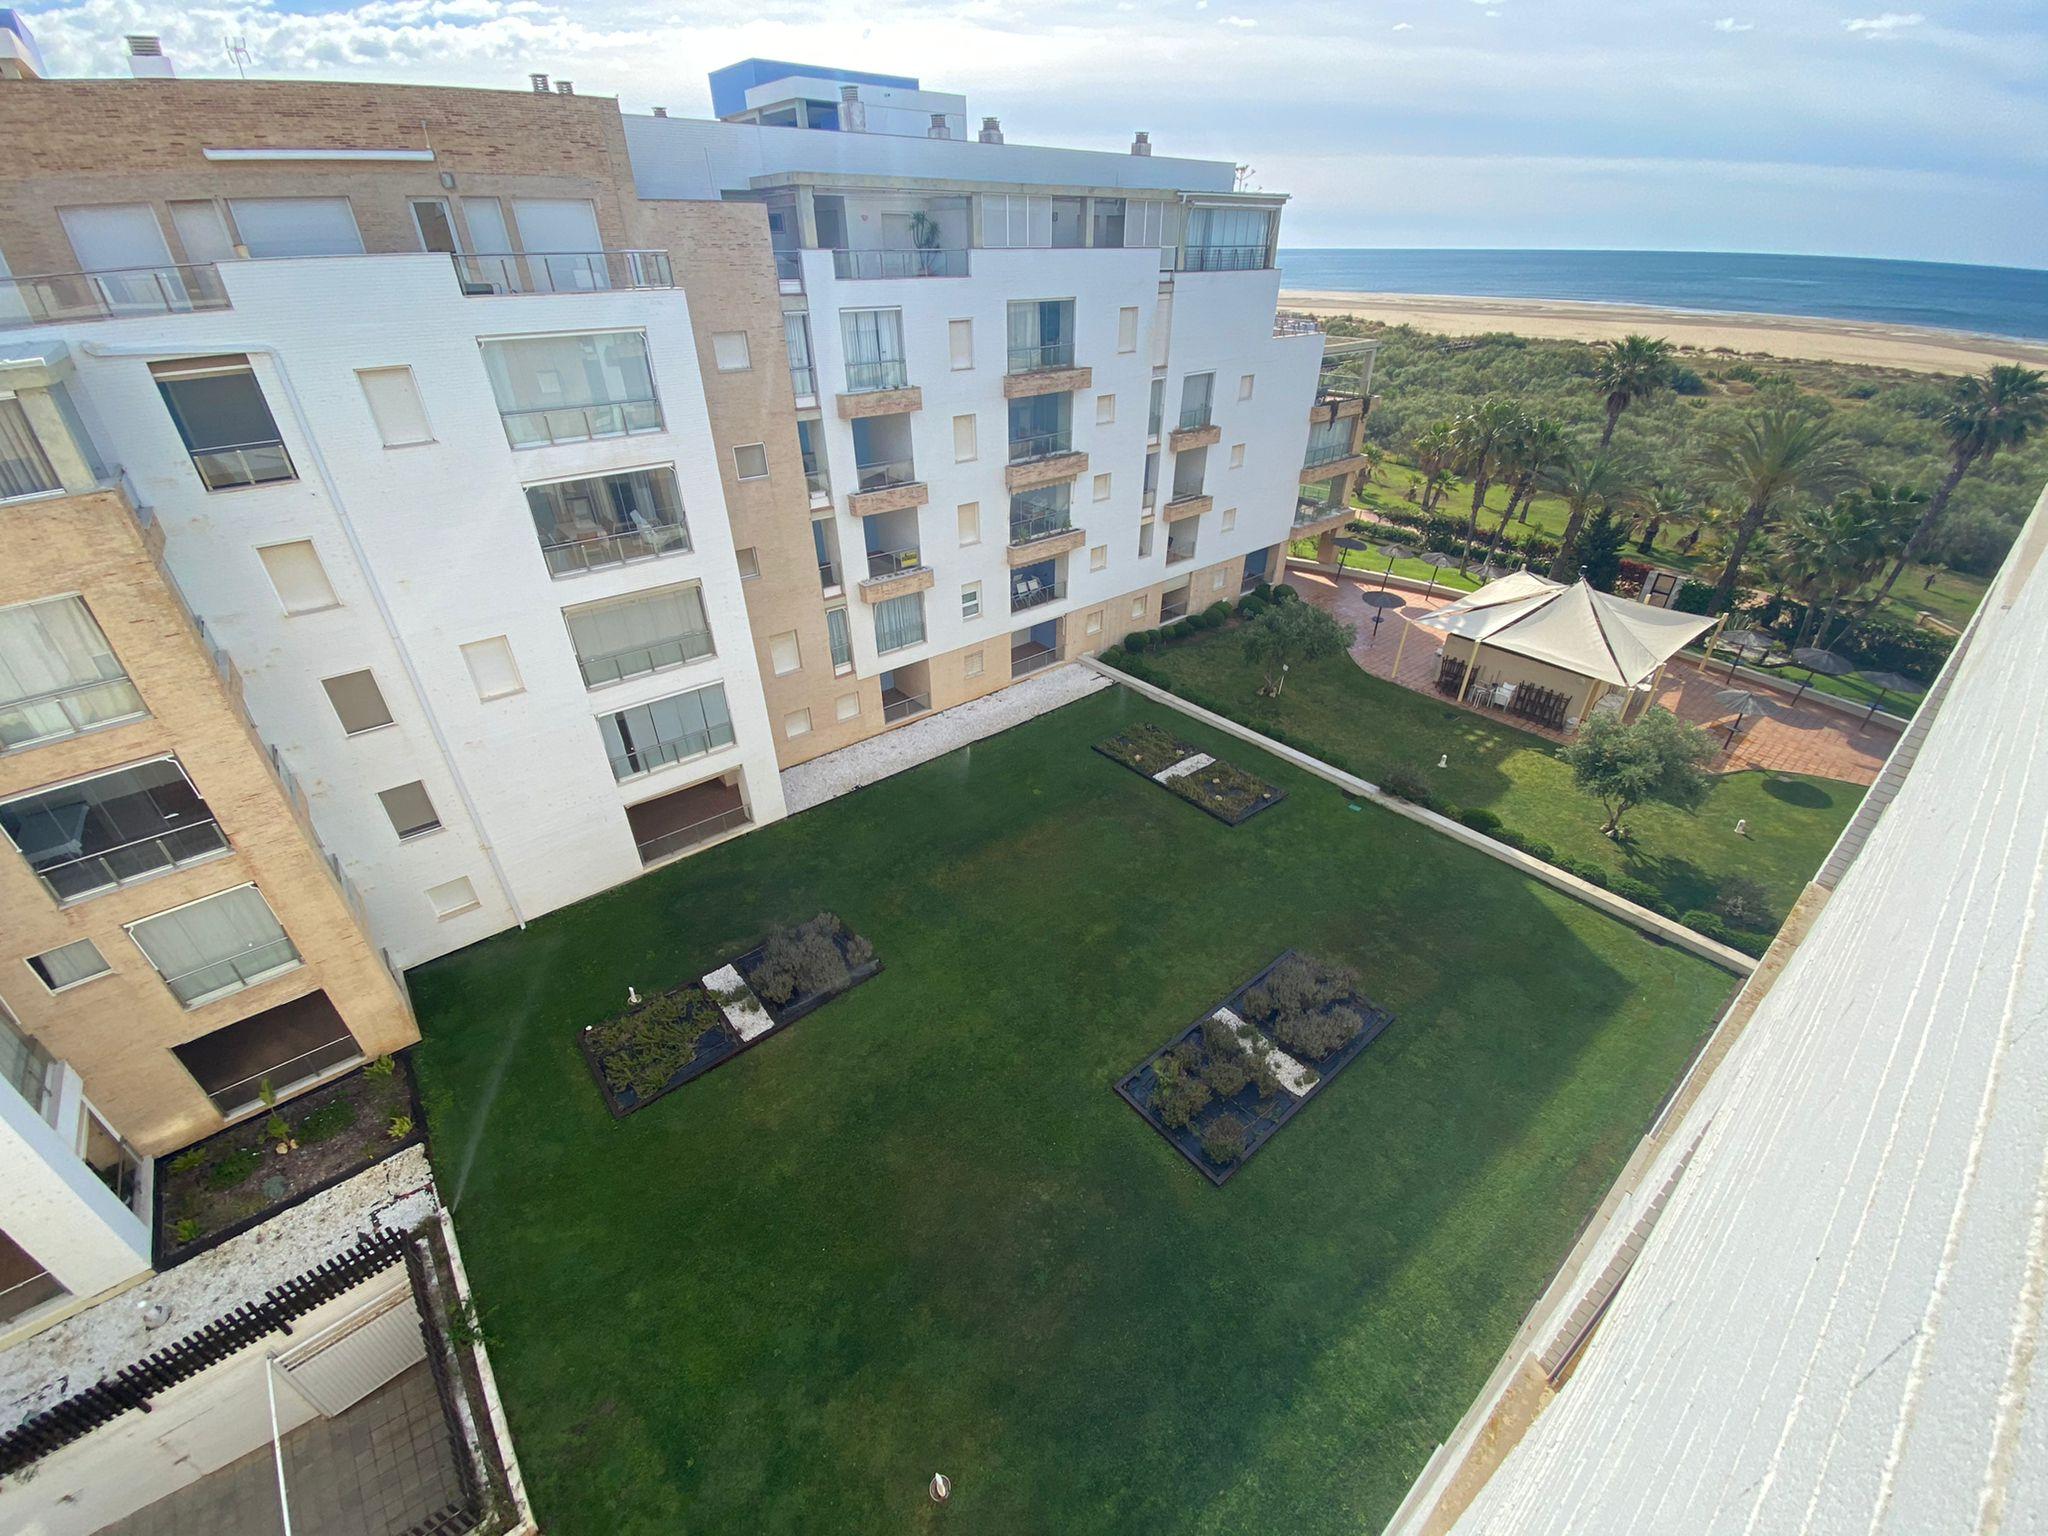 Imagen 10 del Apartamento Turístico, Ático 7 Central (3d+2b), Punta del Moral (HUELVA), Paseo de la Cruz nº22